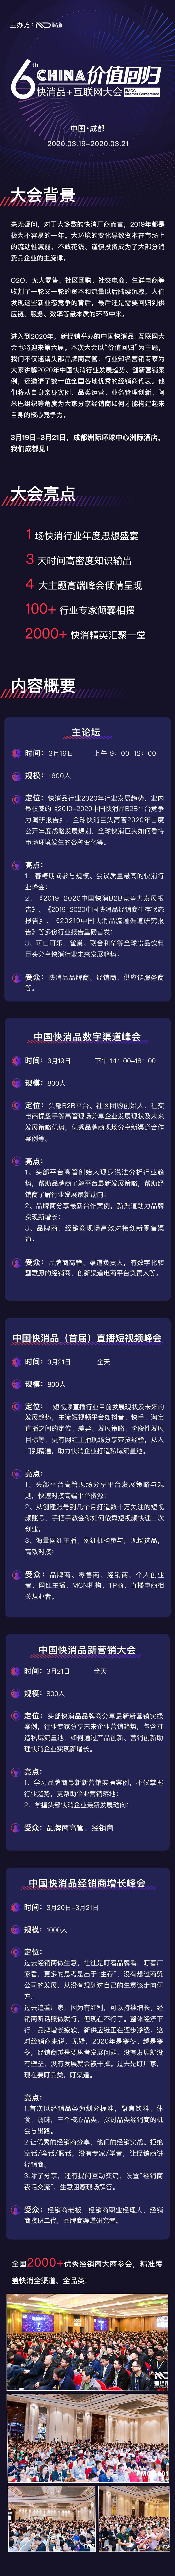 2020(第六届)中国快消品+互联网大会(成都)